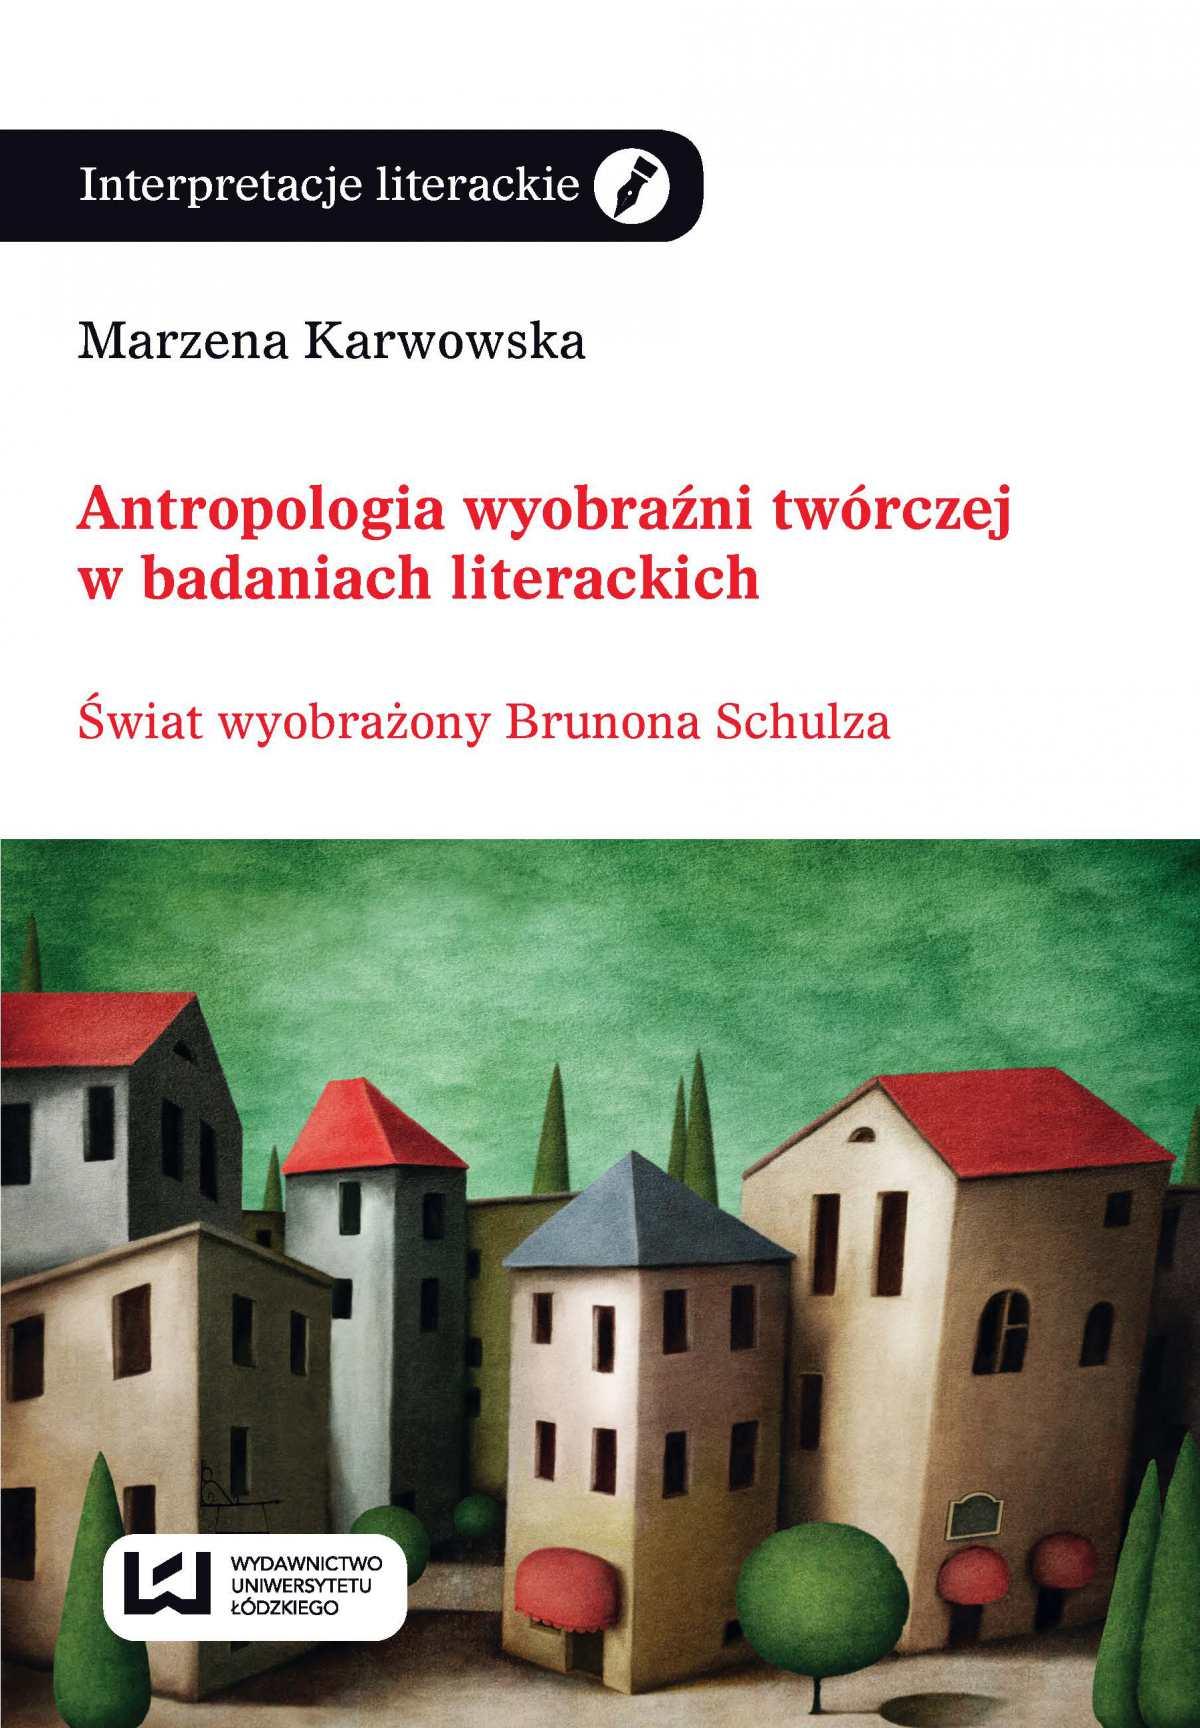 Antropologia wyobraźni twórczej w badaniach literackich. Świat wyobraźni Brunona Schulza - Ebook (Książka na Kindle) do pobrania w formacie MOBI